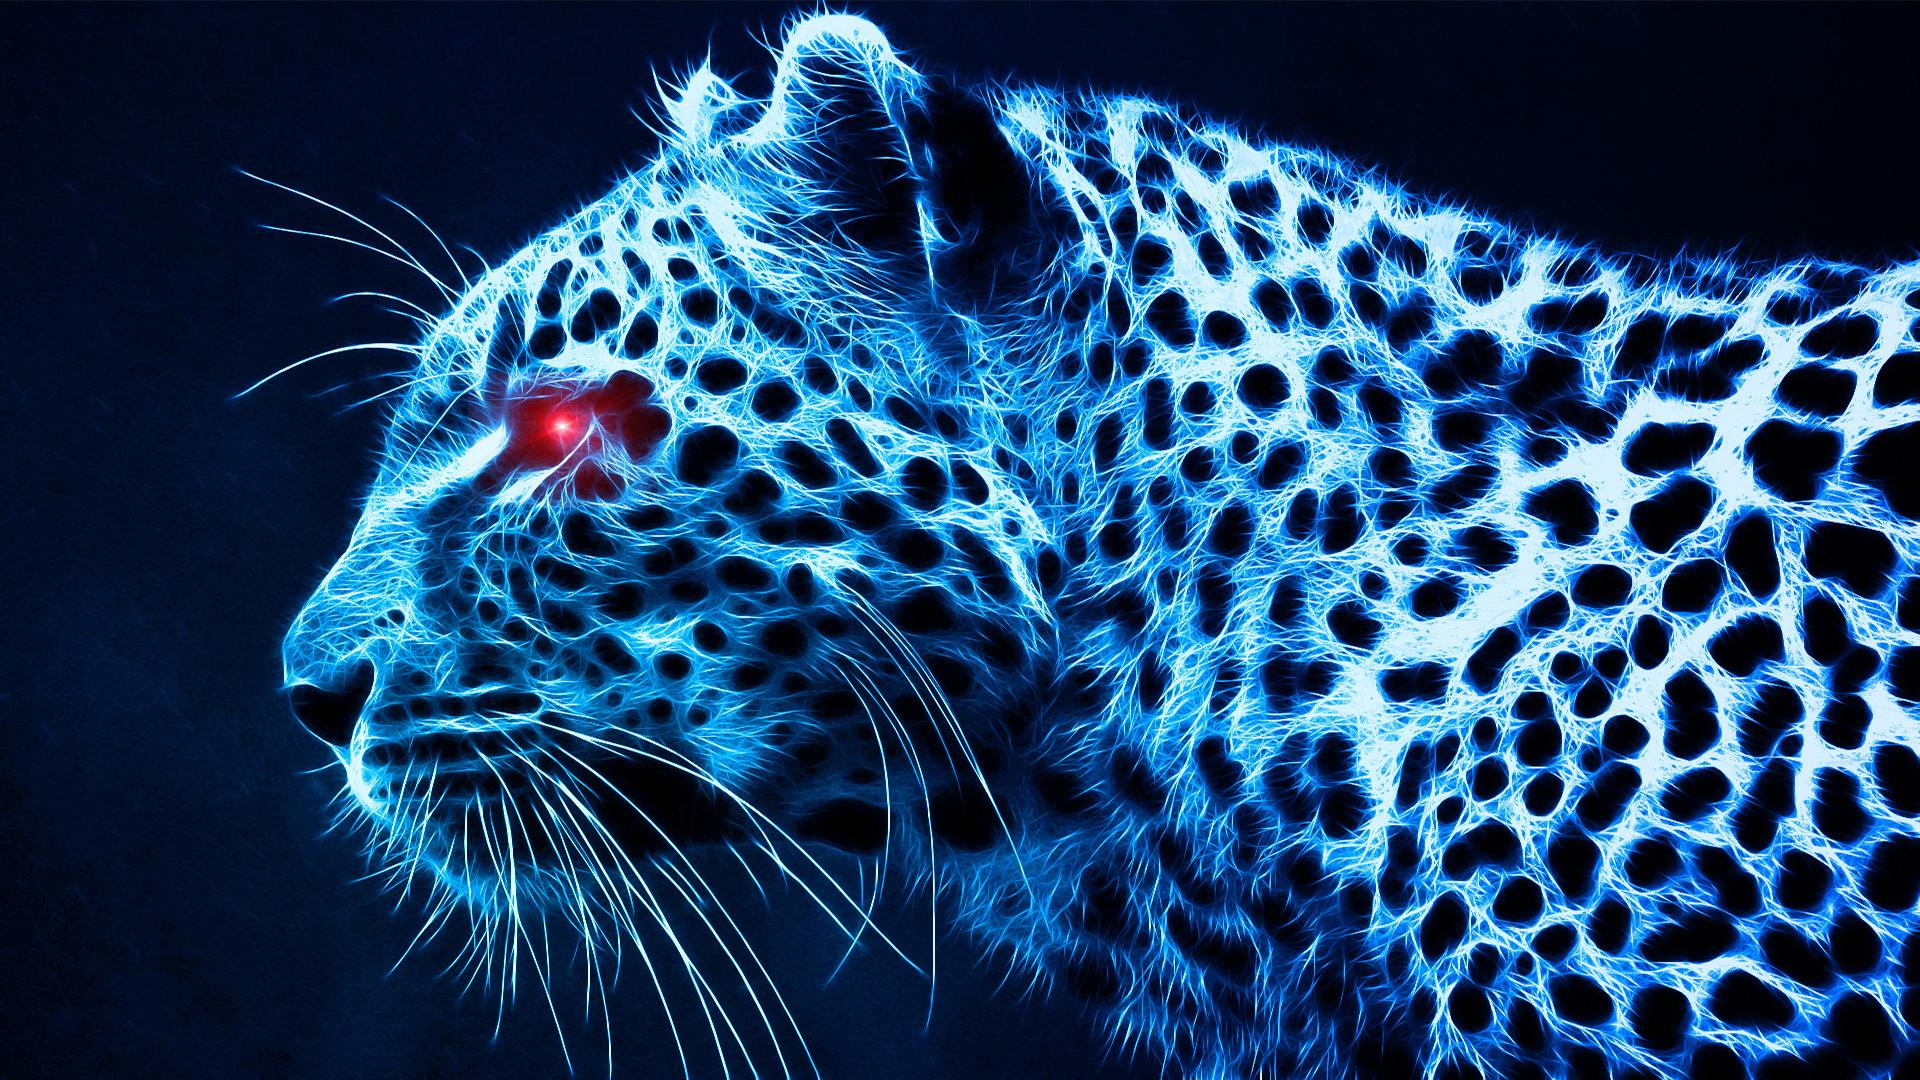 картинки леопарда абстракция честь имею